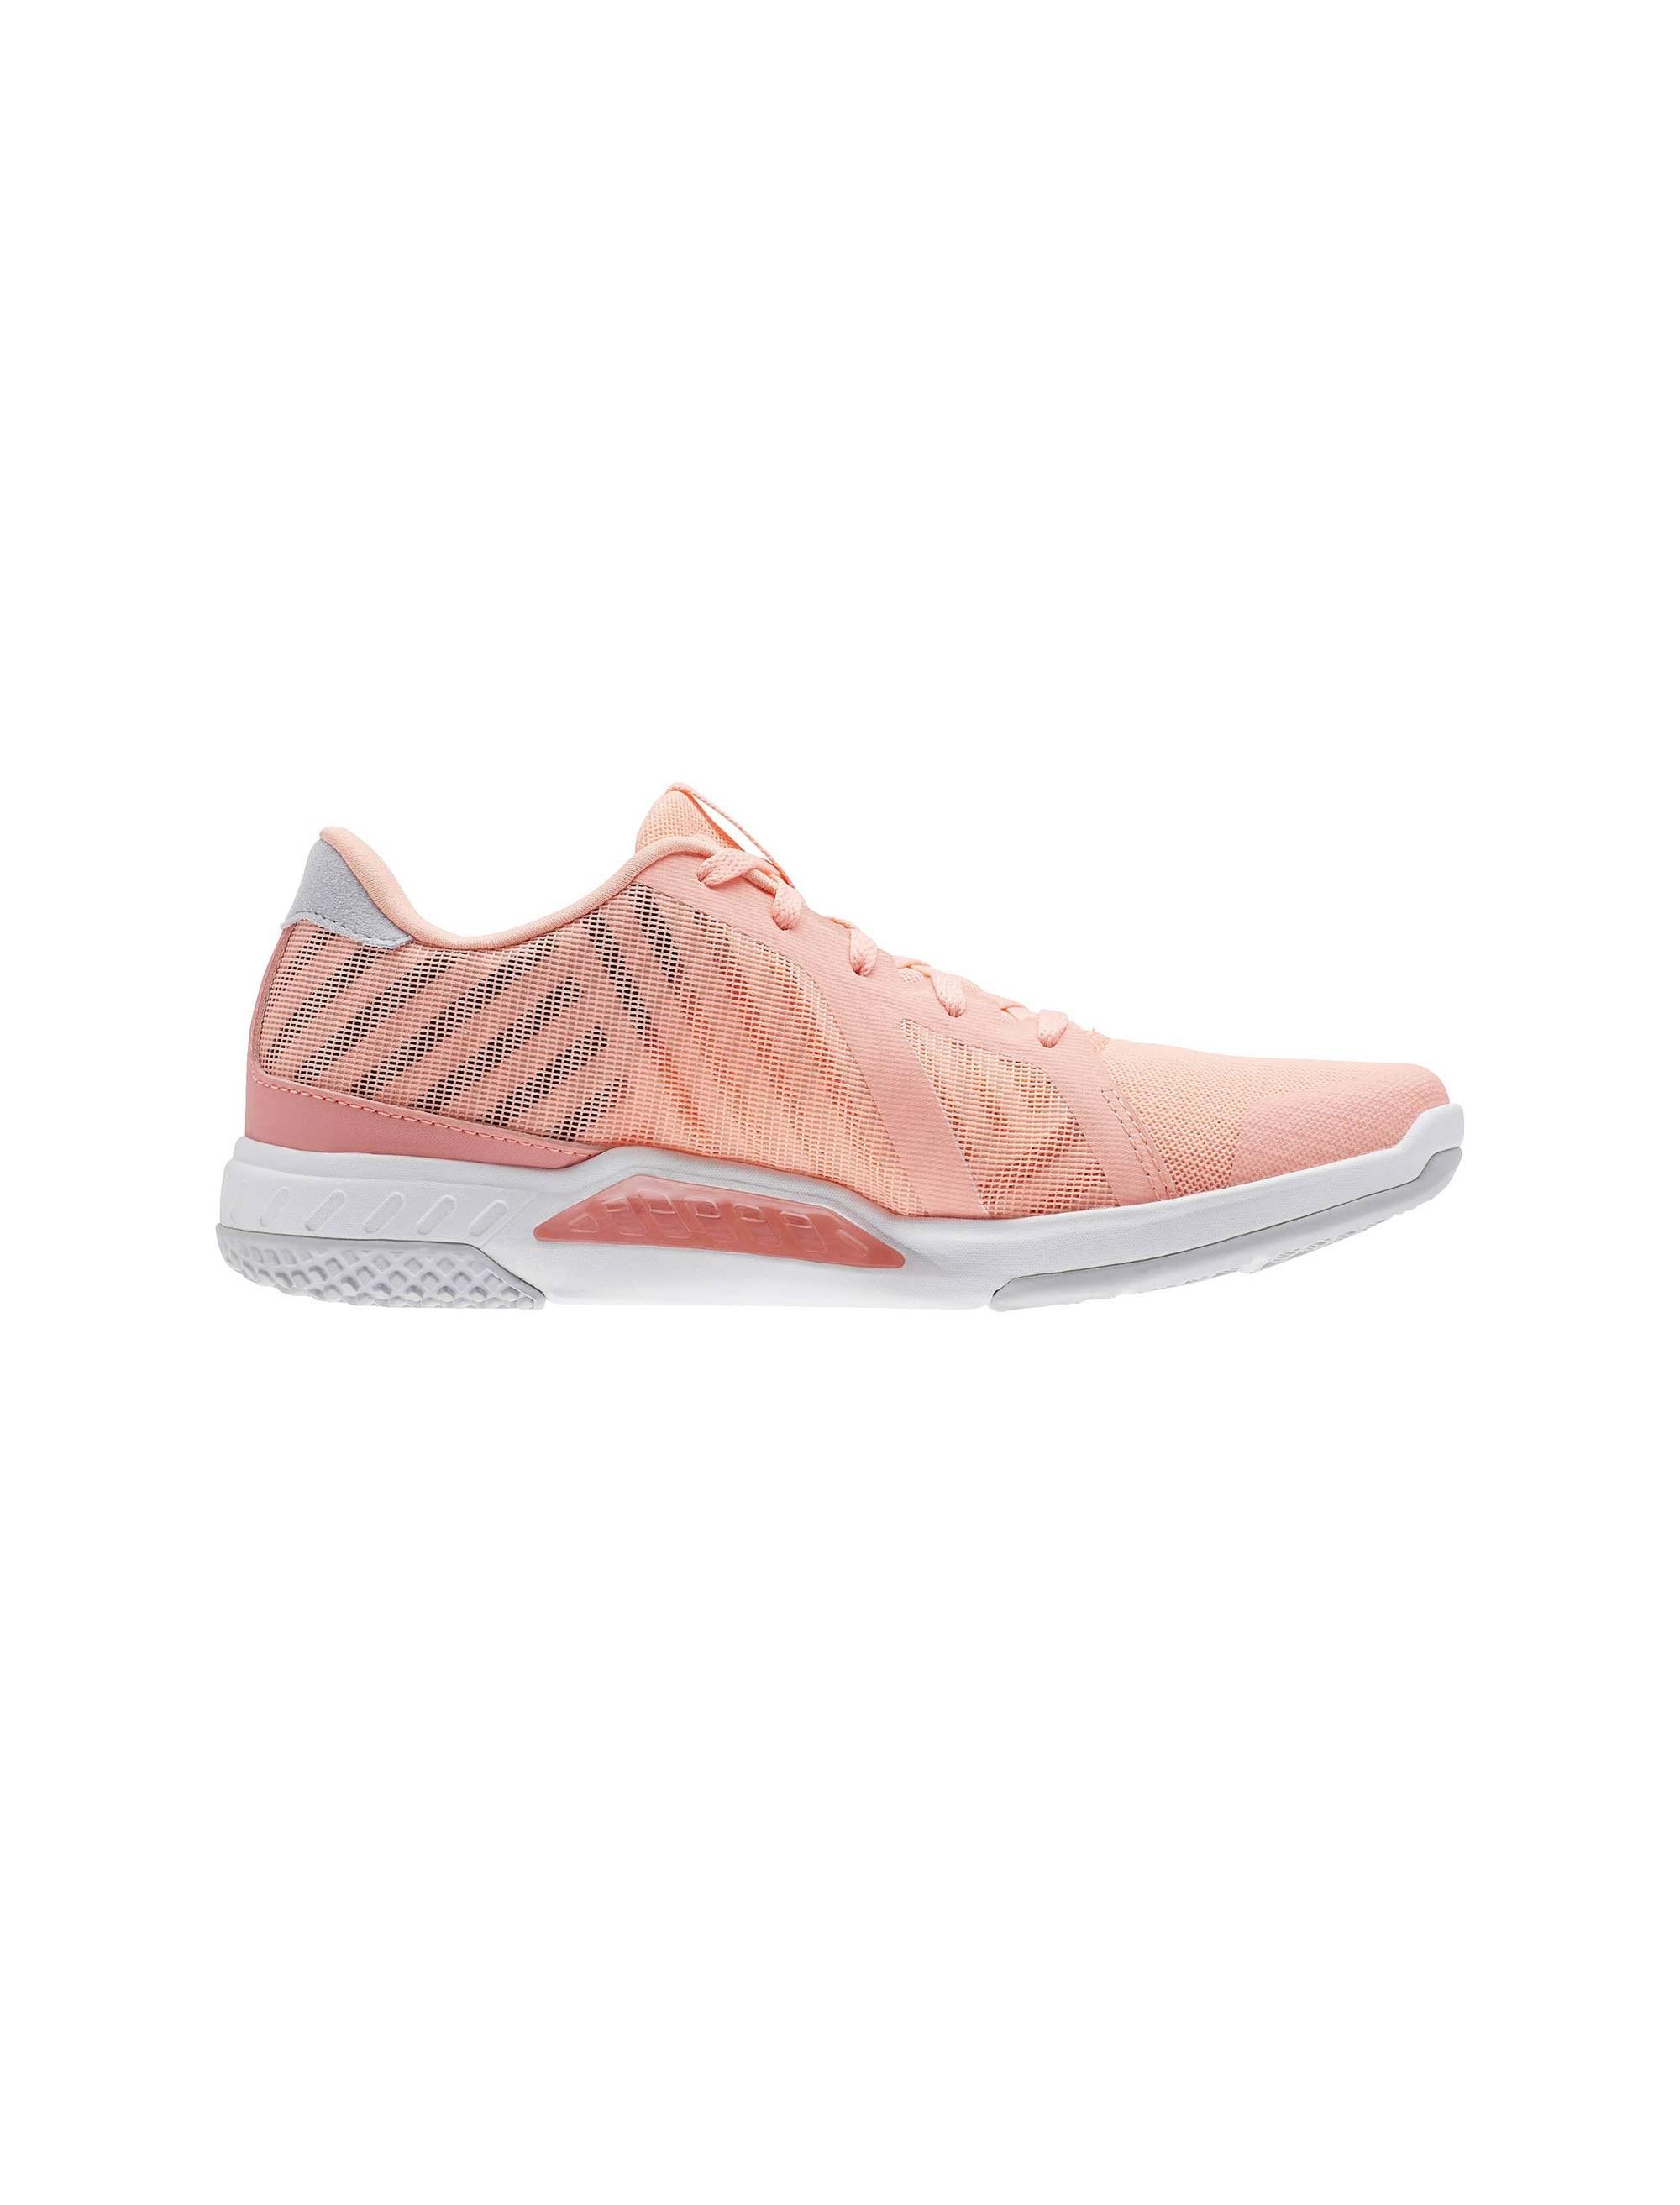 کفش تمرین بندی زنانه Everchill TR 2-0 - ریباک - صورتي - 8